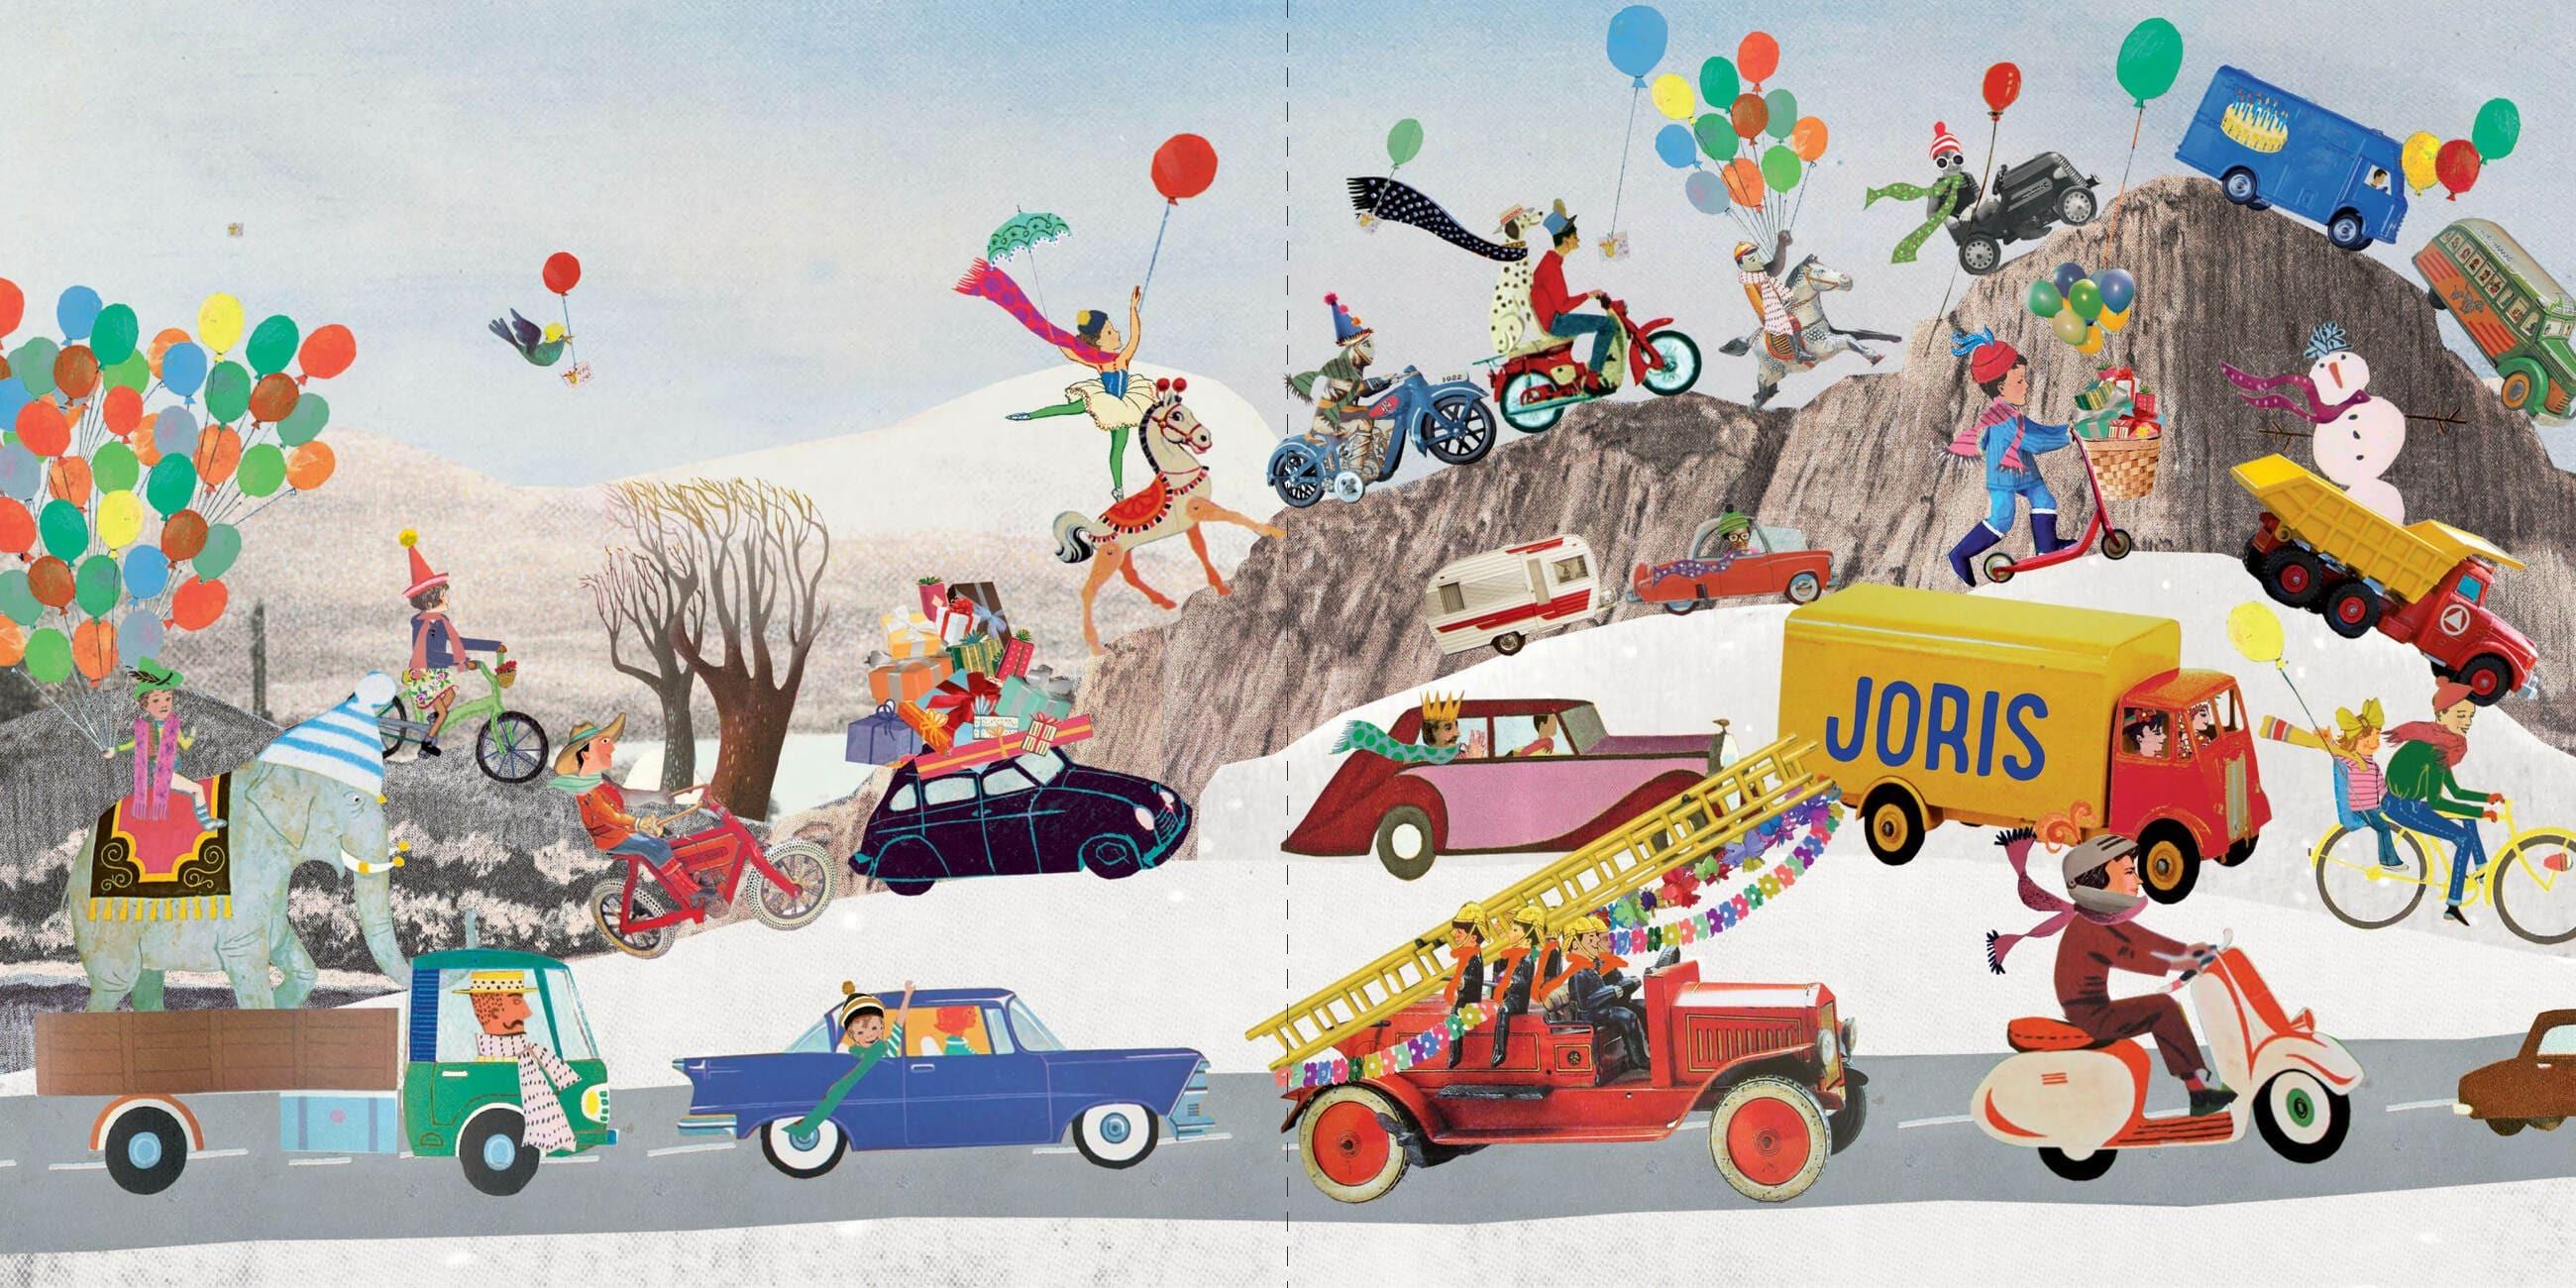 geboorte broer zus auto brandweer feest ballonnen landschap herfst geboortekaartje avontuur reis samen vintage nostalgie illustratie gezellig stoer lief Origineel uniek feest vintage retro poesie nostalgie gezellig vrolijk kleurrijk stoer schattig nostalgisch kraamcadeau verjaardagscadeau art kunst illustratie illustration gouden boekje kijkplaat zoekprent zoekplaat zoekboek kinderboek festival reizen gepersonaliseerd festival reizen safari flamingo grootzus groot zus fantasie aantrekkelijk poesie panda winter sneeuw